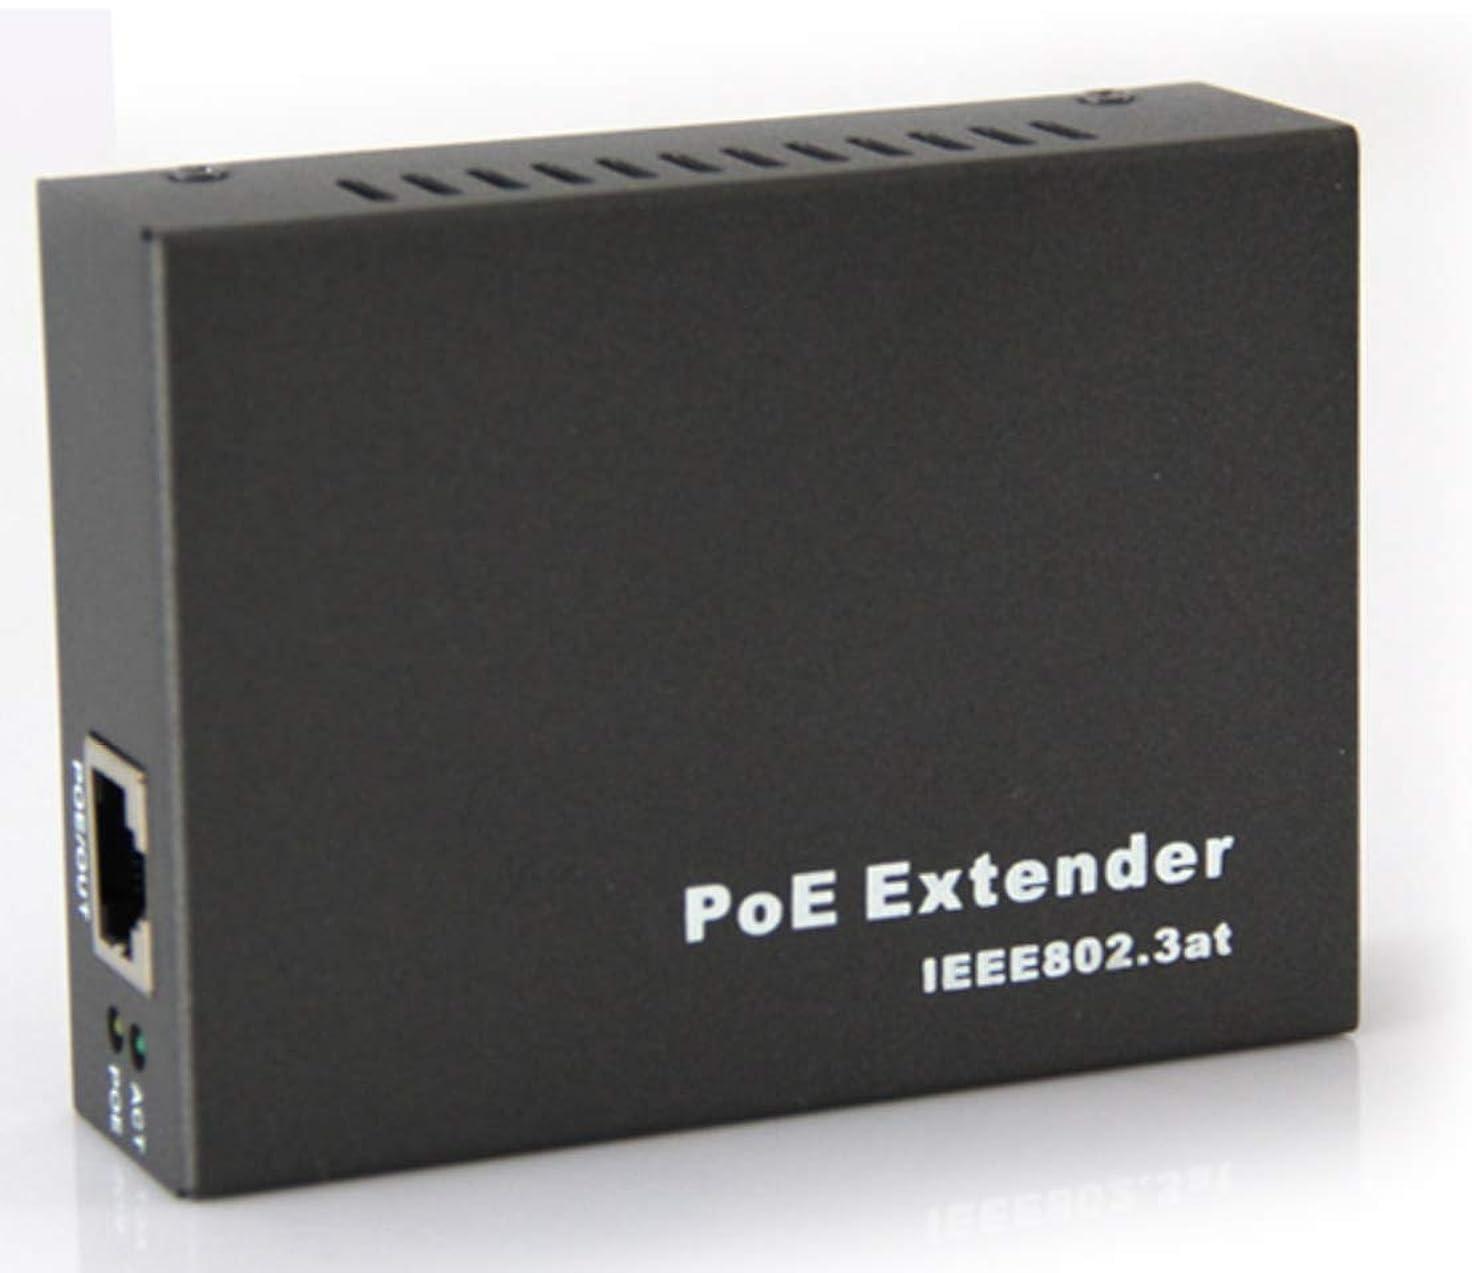 筋独立してインレイPE2301 シングルポート 10/100Mbps POE+ エクステンダー - 330フィート (100m) - 802.3af/at 5.2 * 4.3 * 2.2 in